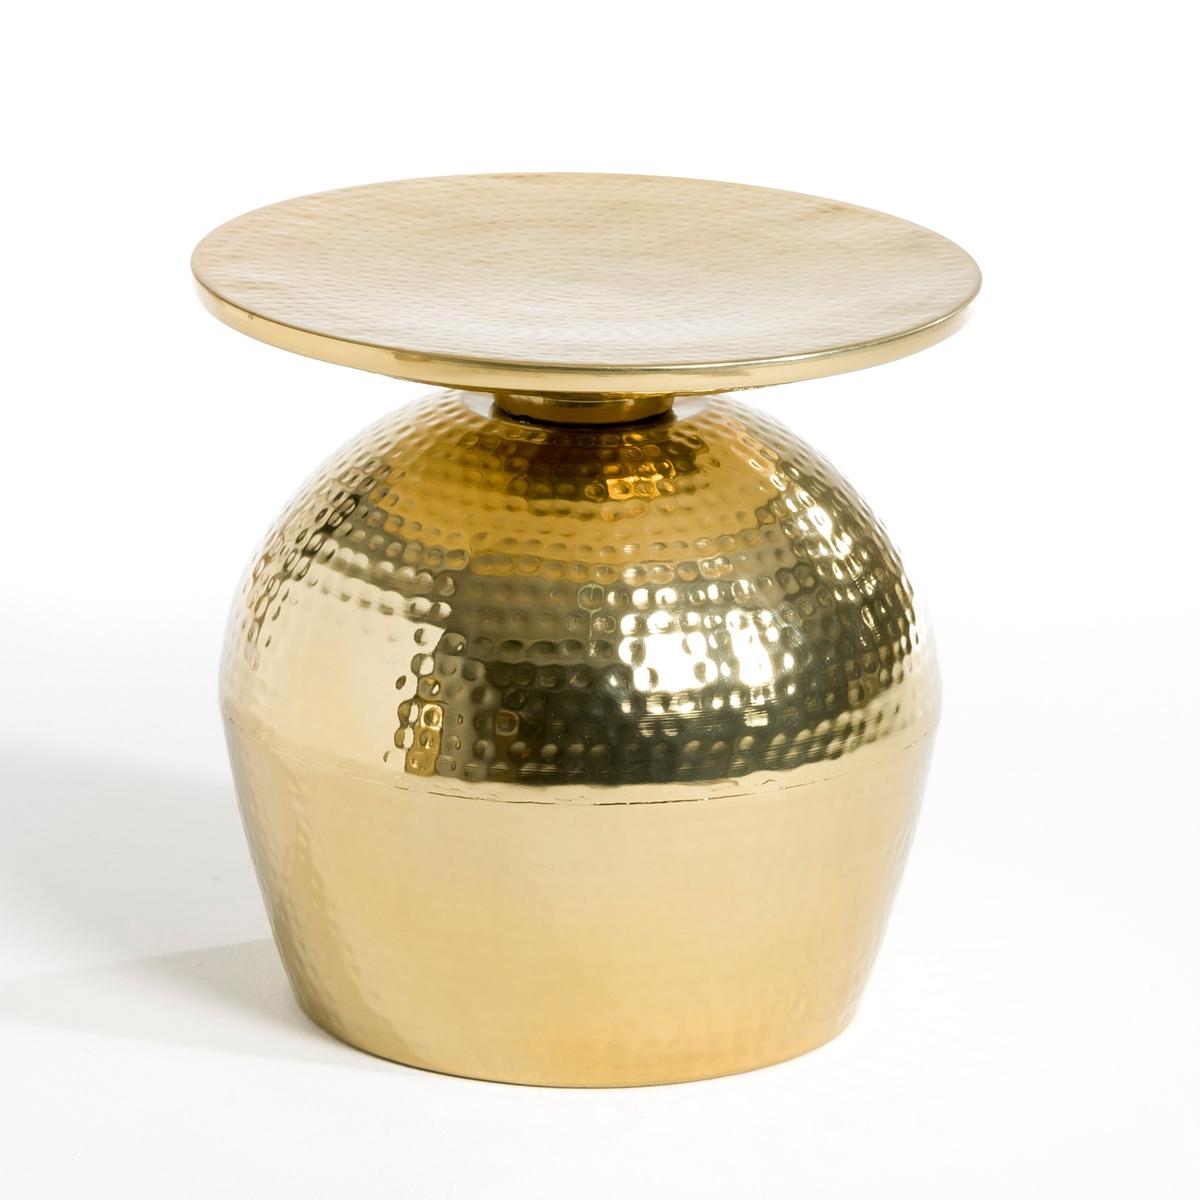 Столик Lothar, маленькая модельСтолик из металла удивительной формы, напоминающей перевернутый бокал, придаст вашему интерьеру необычный штрих .Размеры : ?.40 x В.37 см.<br><br>Цвет: золотистый